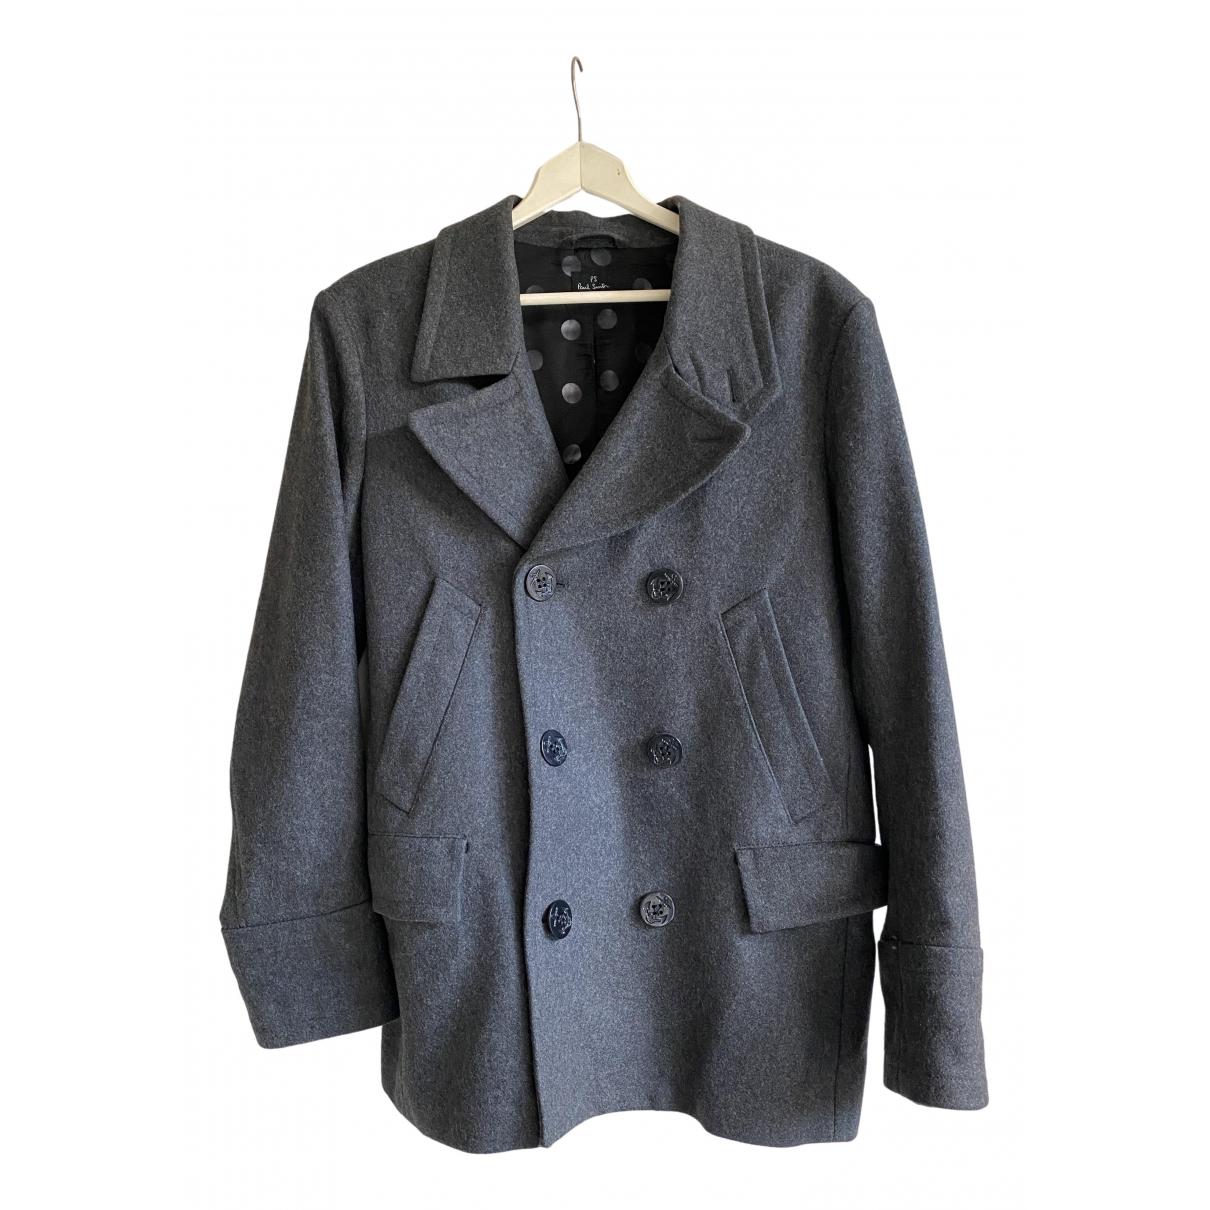 Paul Smith - Manteau   pour homme en laine - gris